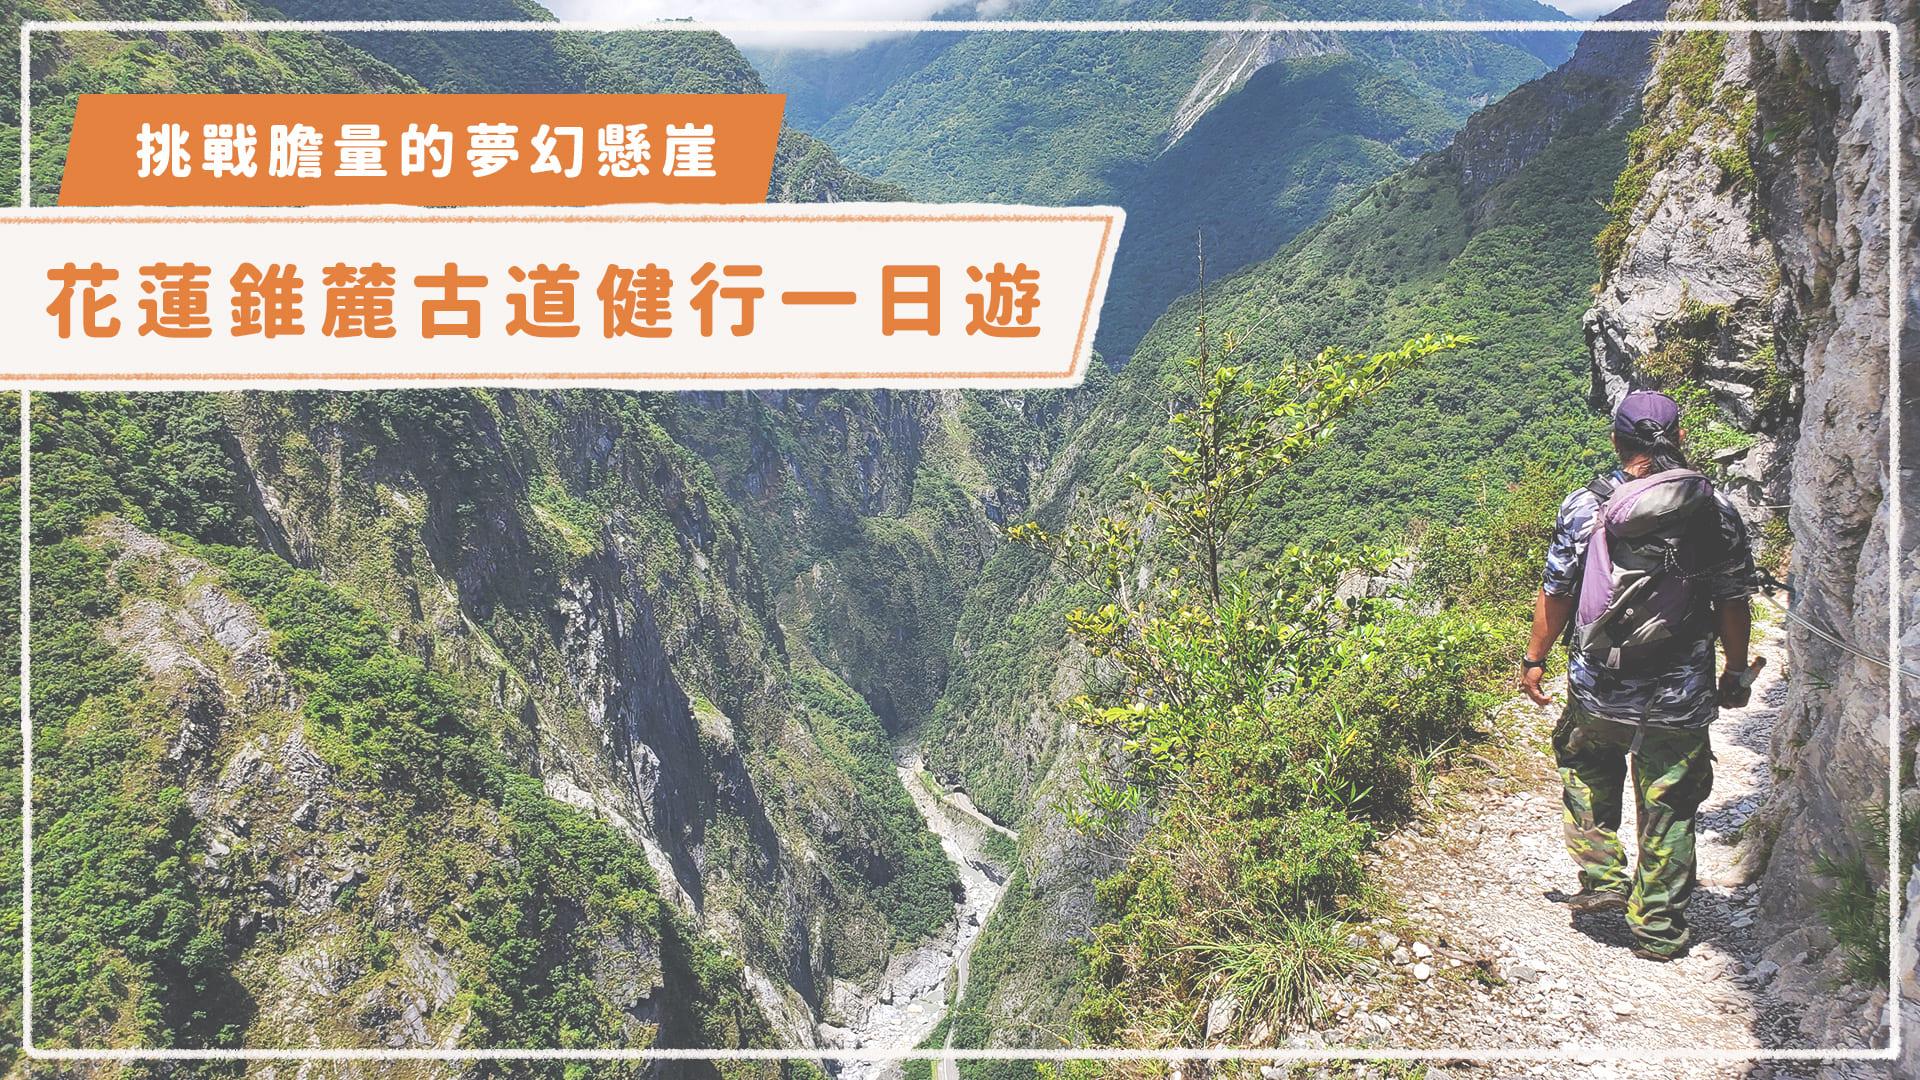 【錐麓古道】花蓮太魯閣健行一日遊,挑戰膽量的夢幻斷崖